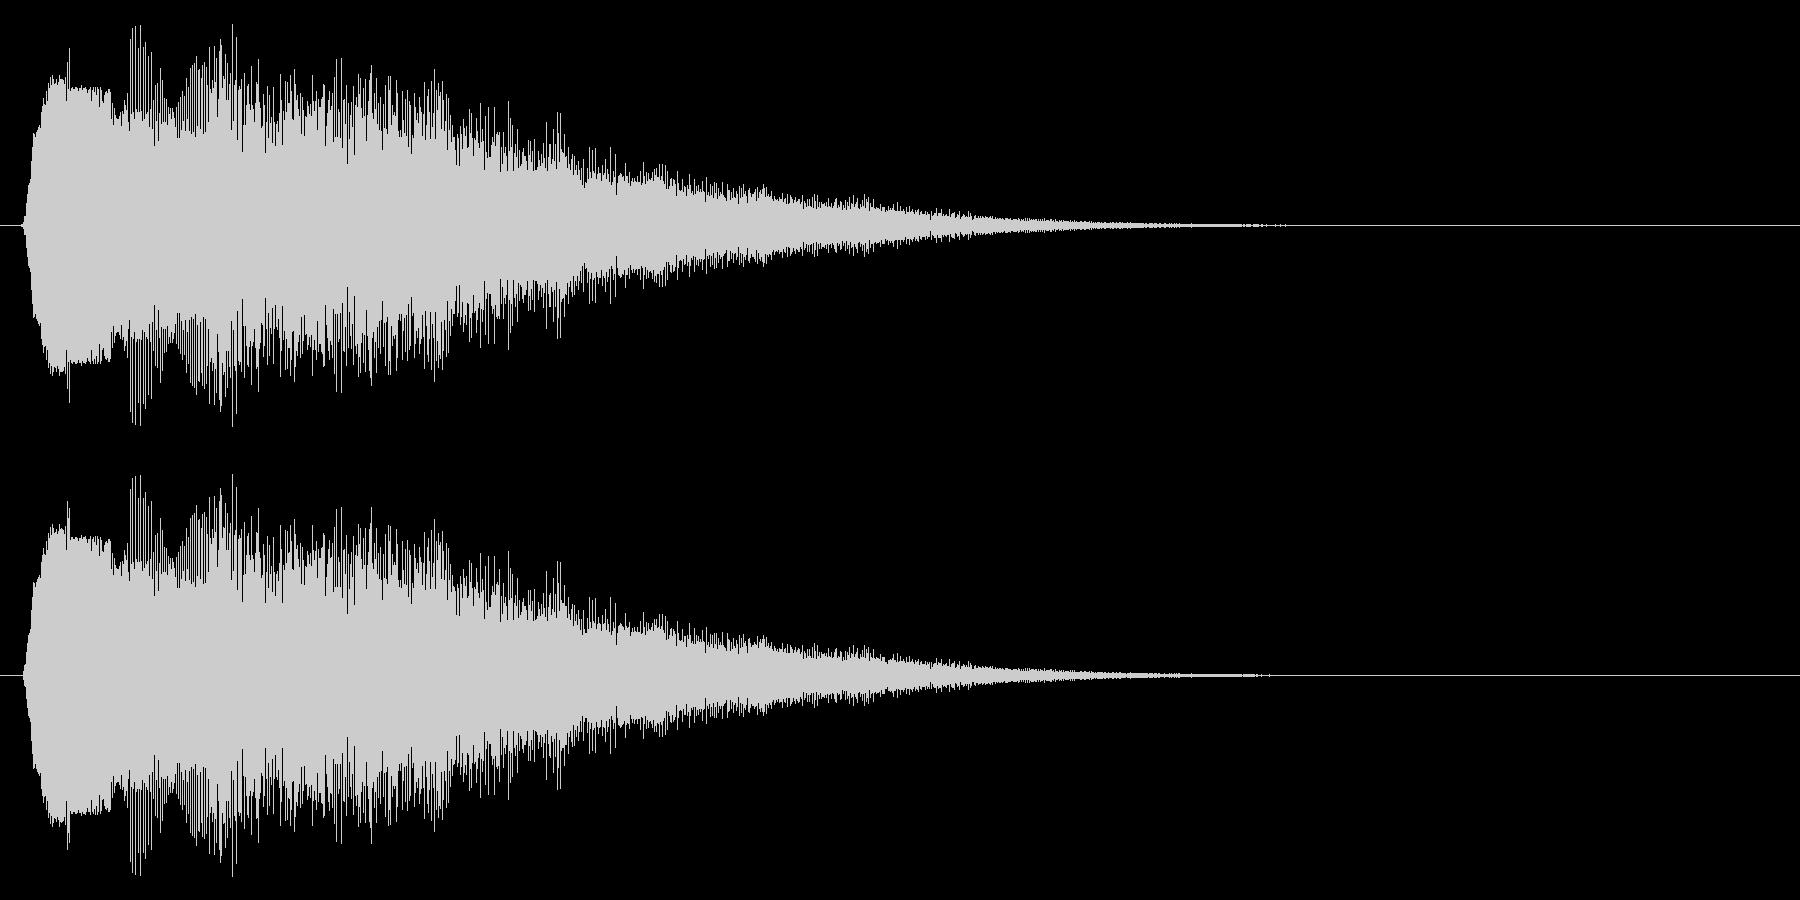 キラキラ/決定音/回復/獲得の未再生の波形